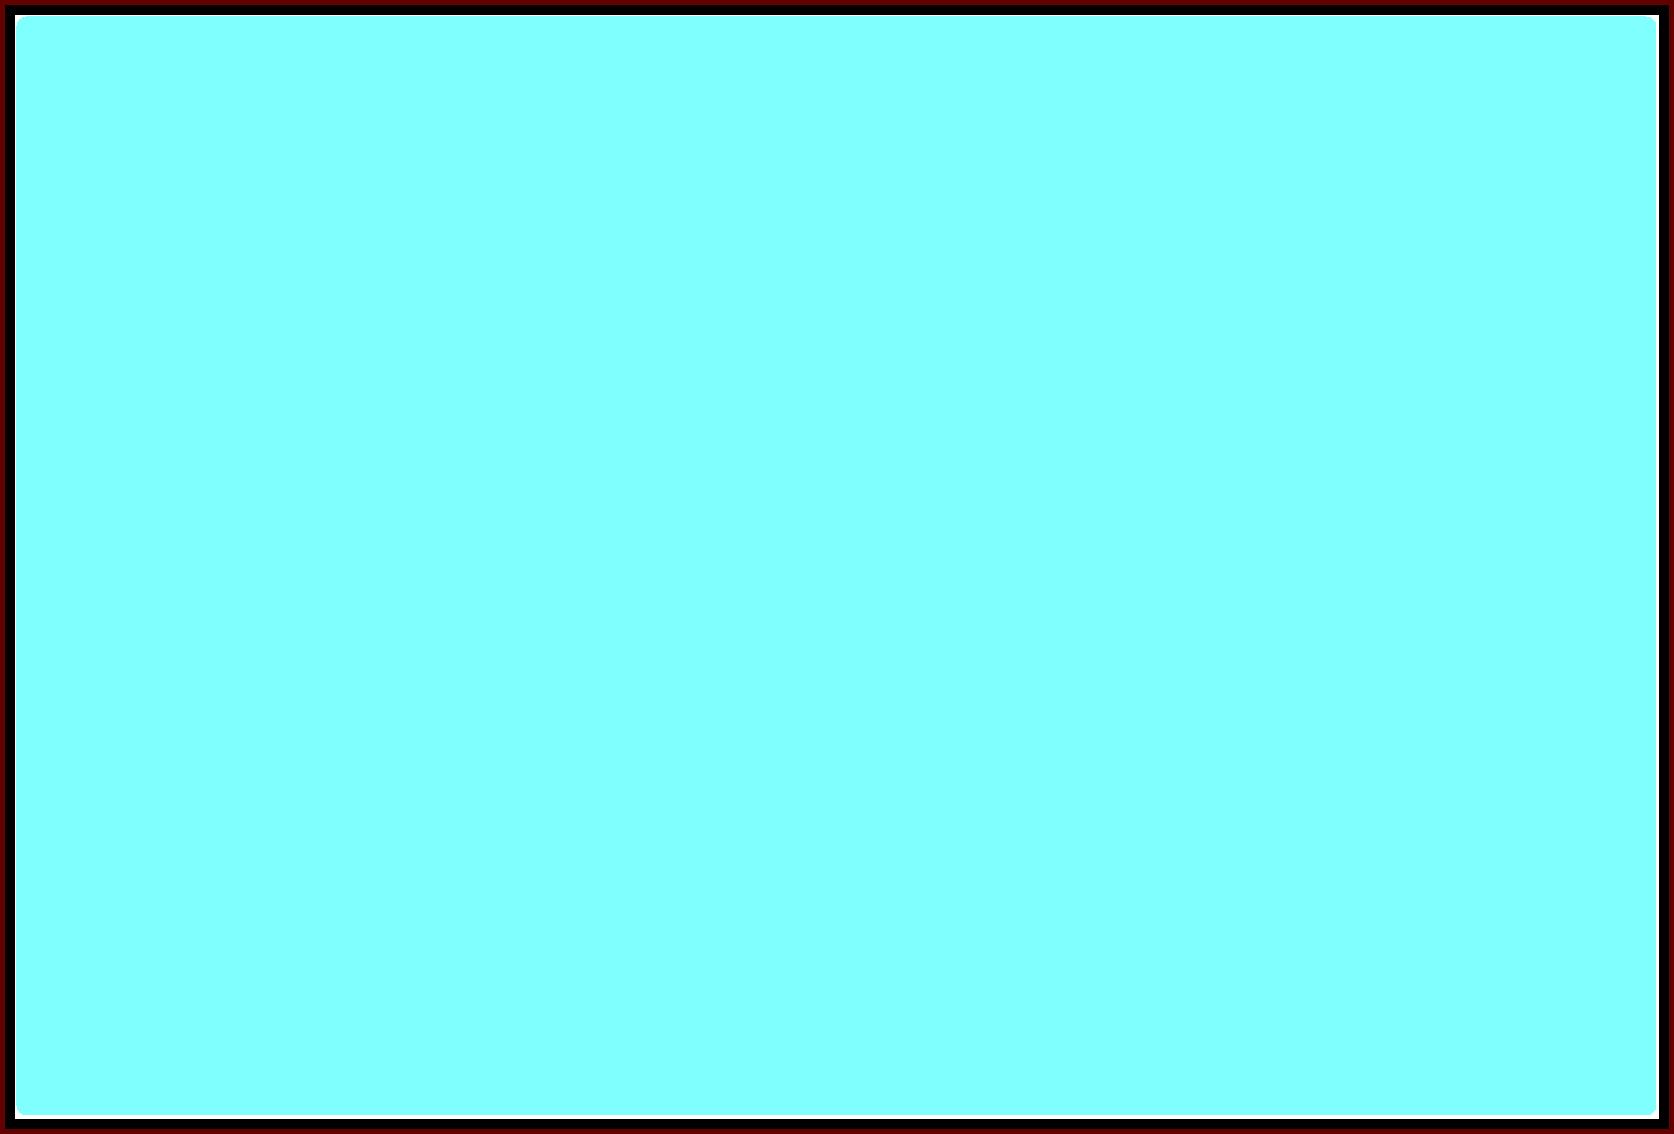 Transparent image arts. Black frame png